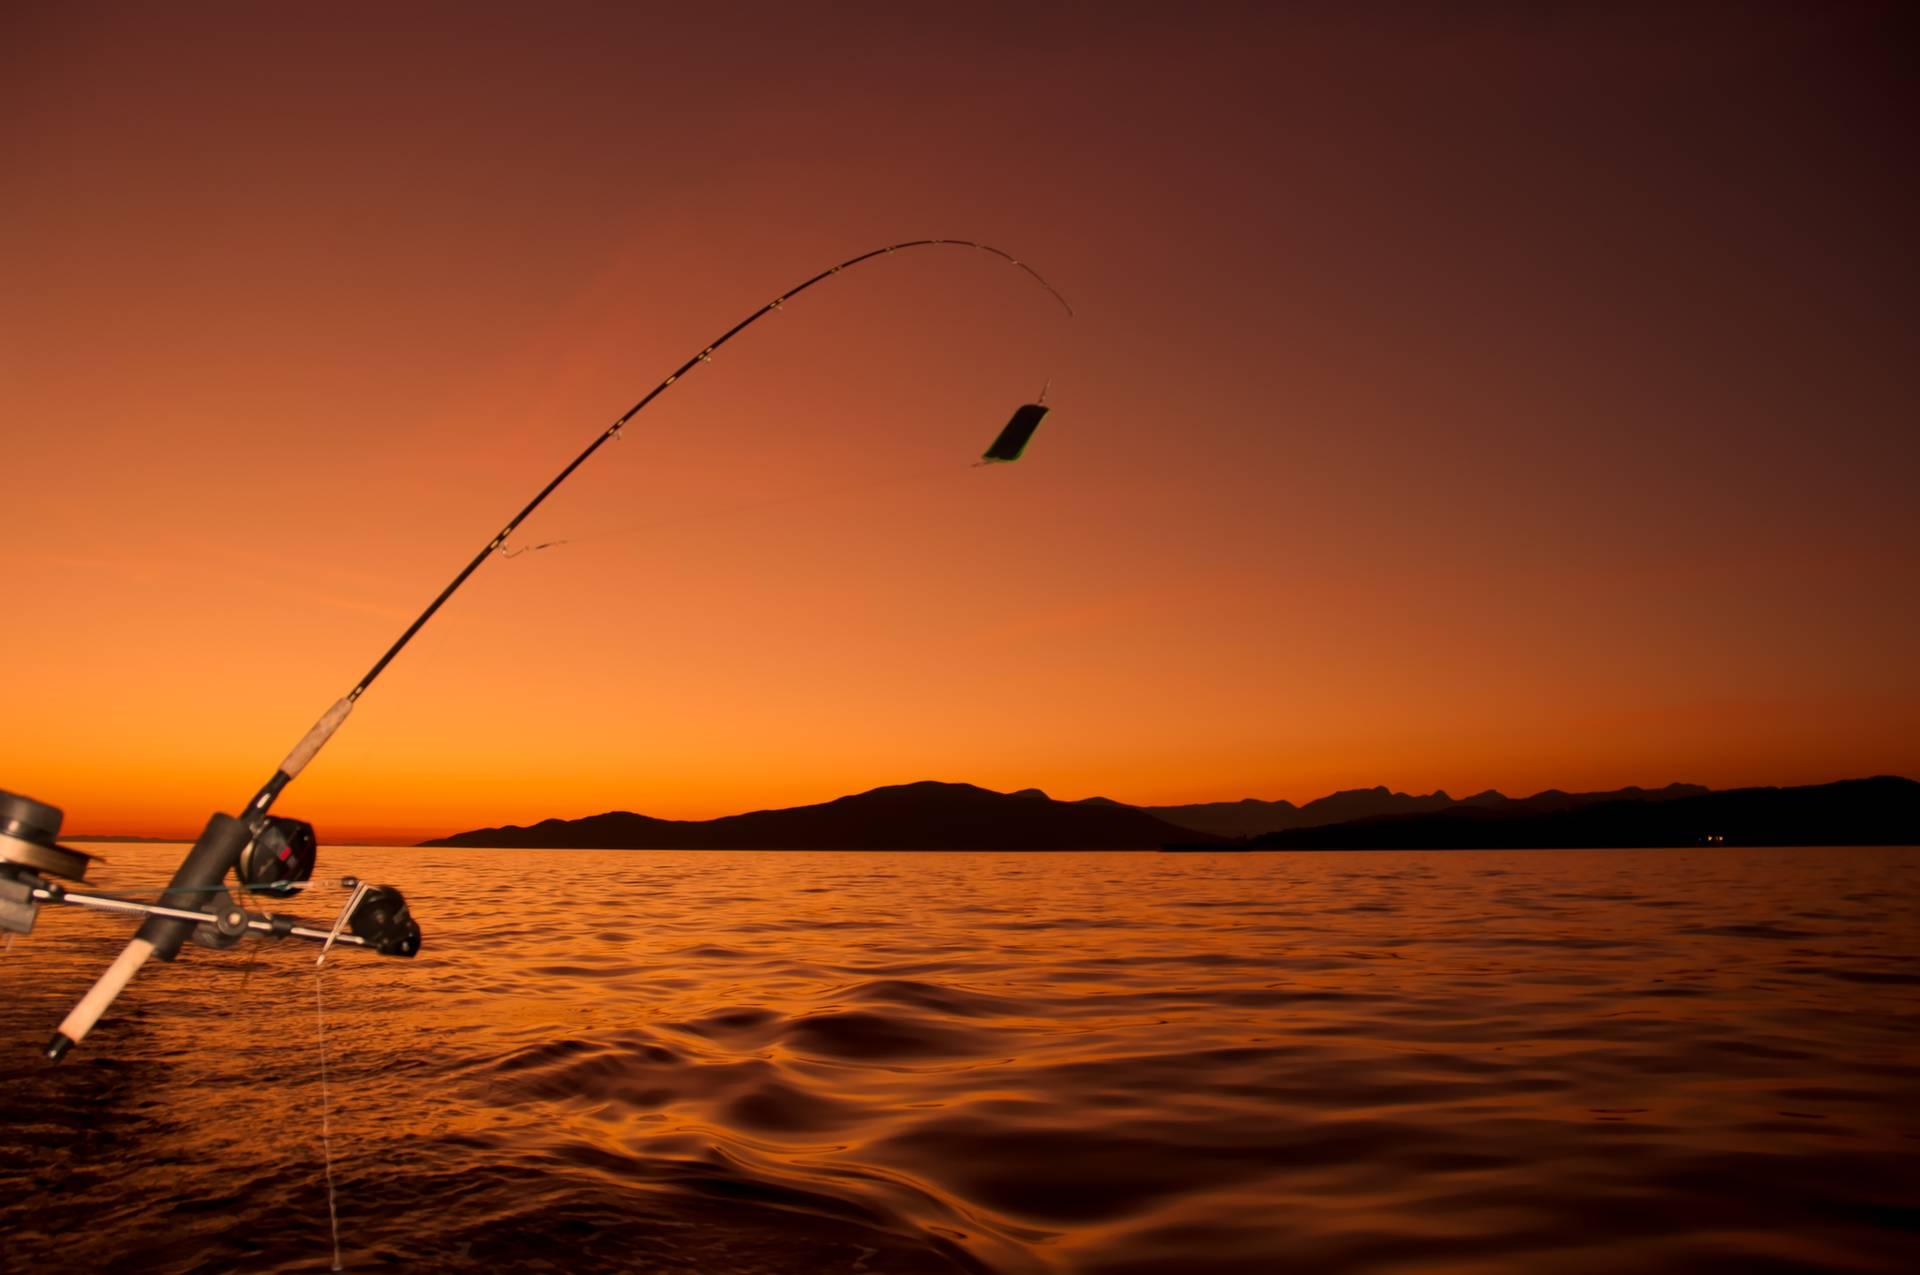 Картинки на рыбалке на заставку